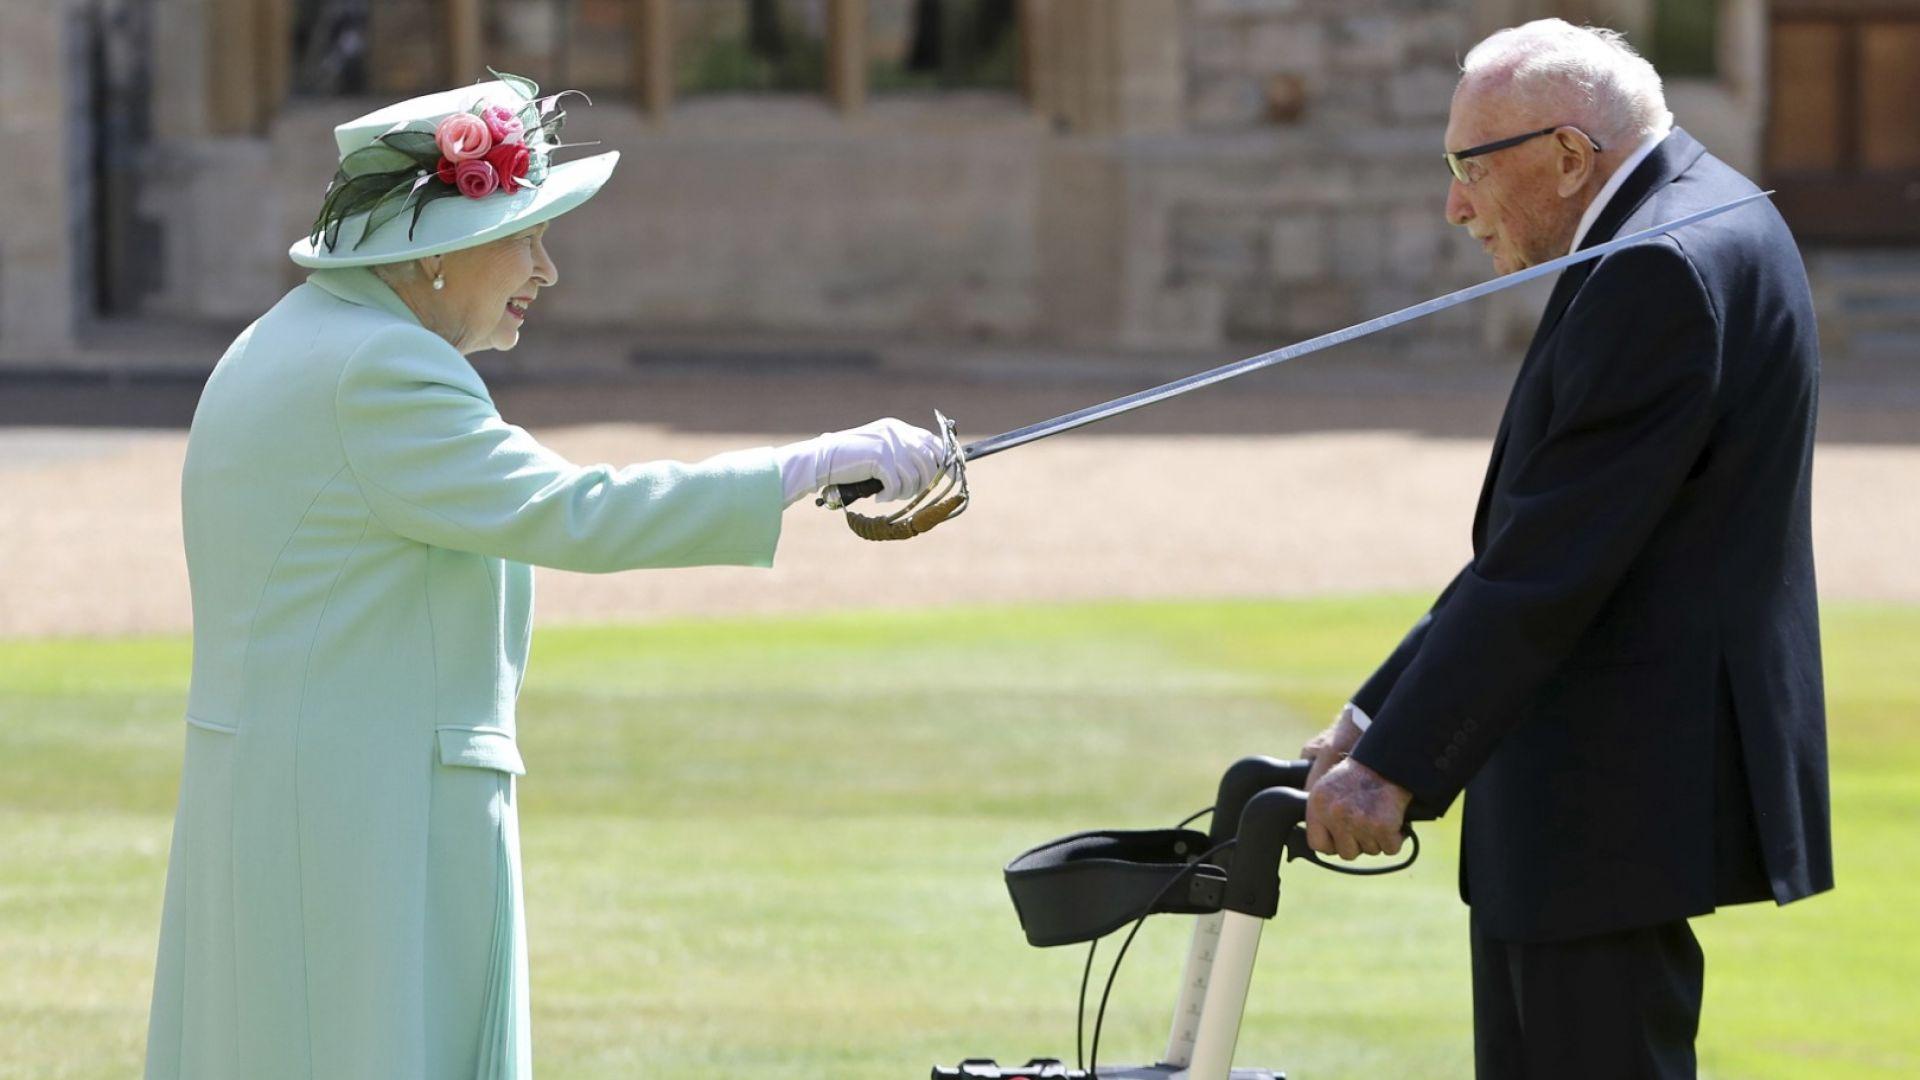 100-годишният Том Мур получи рицарска титла от кралица Елизабет (снимки)